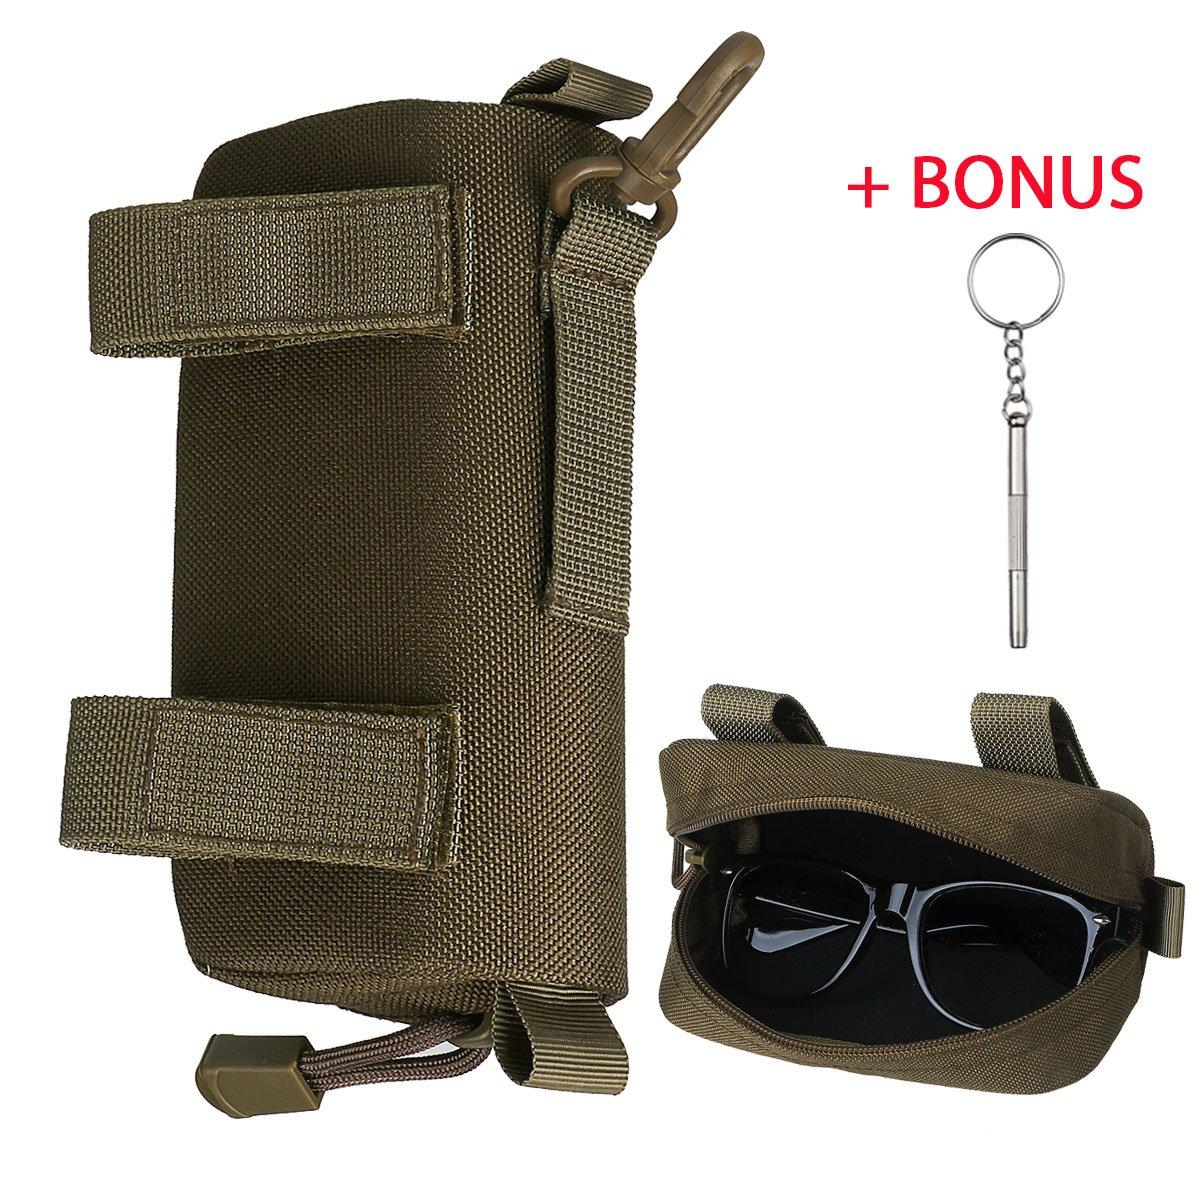 Xidan 1000D Nylon Taktisch Molle Brillenetui Brillenbox mit Haken Brillenetui Box fü r Sonnenbrillen